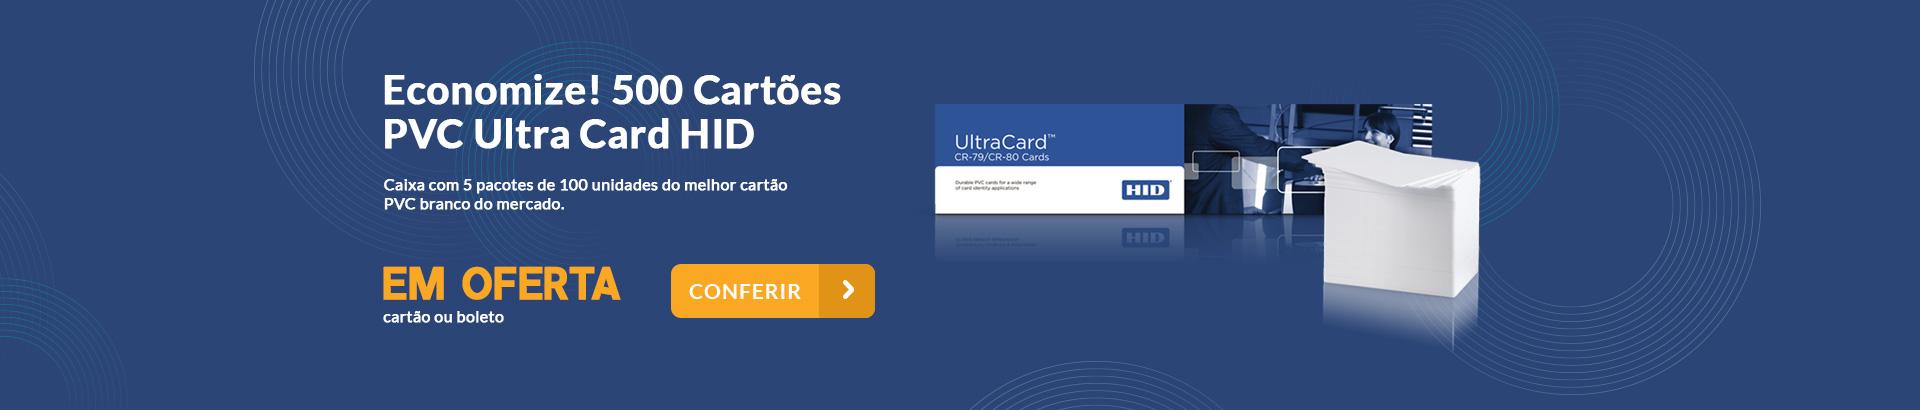 Economize! 500 Cartões Pvc Ultra Card HID